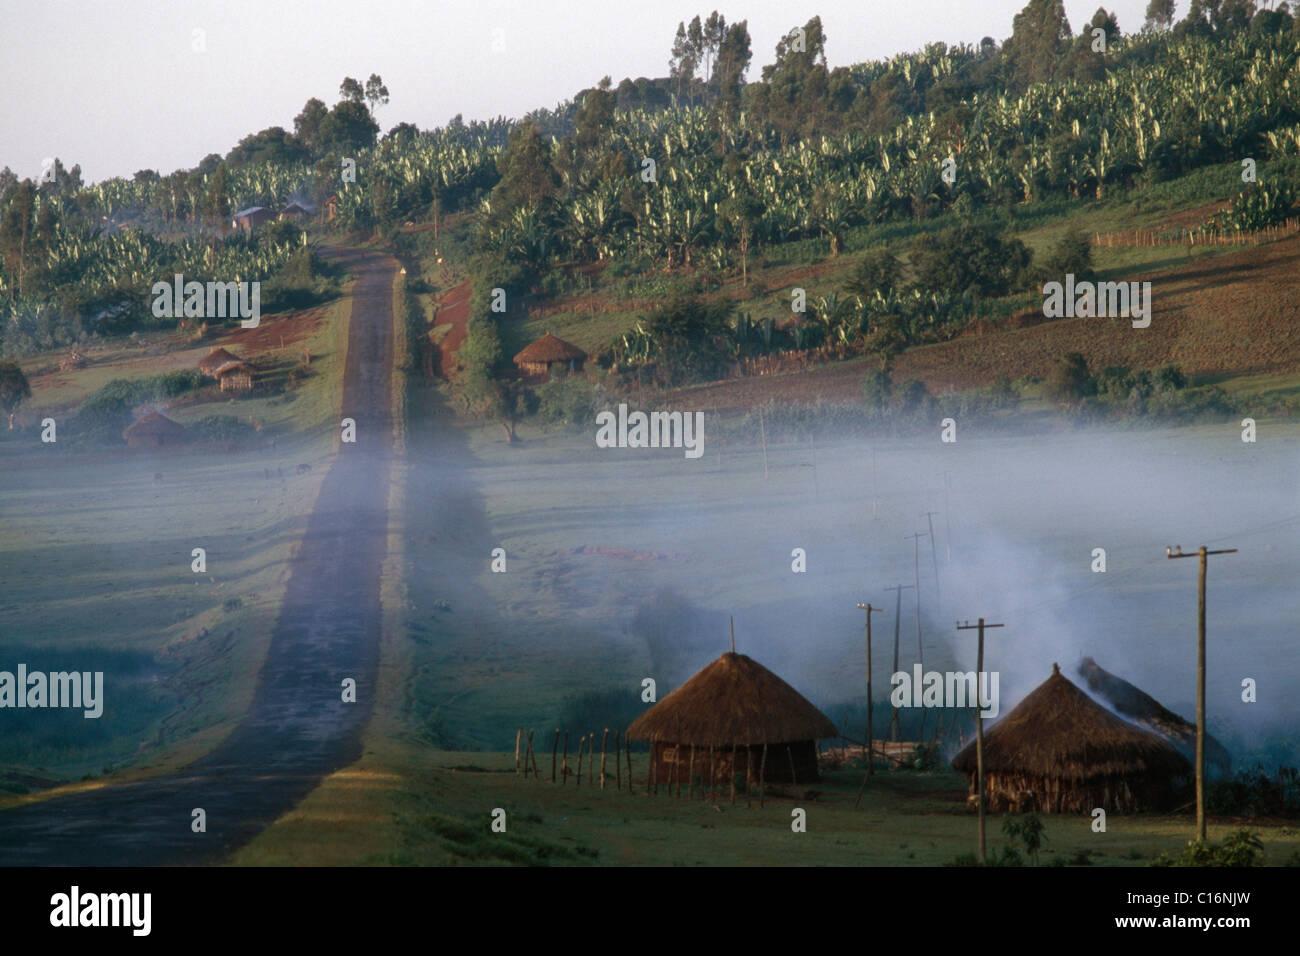 Banana plantation, Awasa, highlands, Ethiopia, Africa - Stock Image